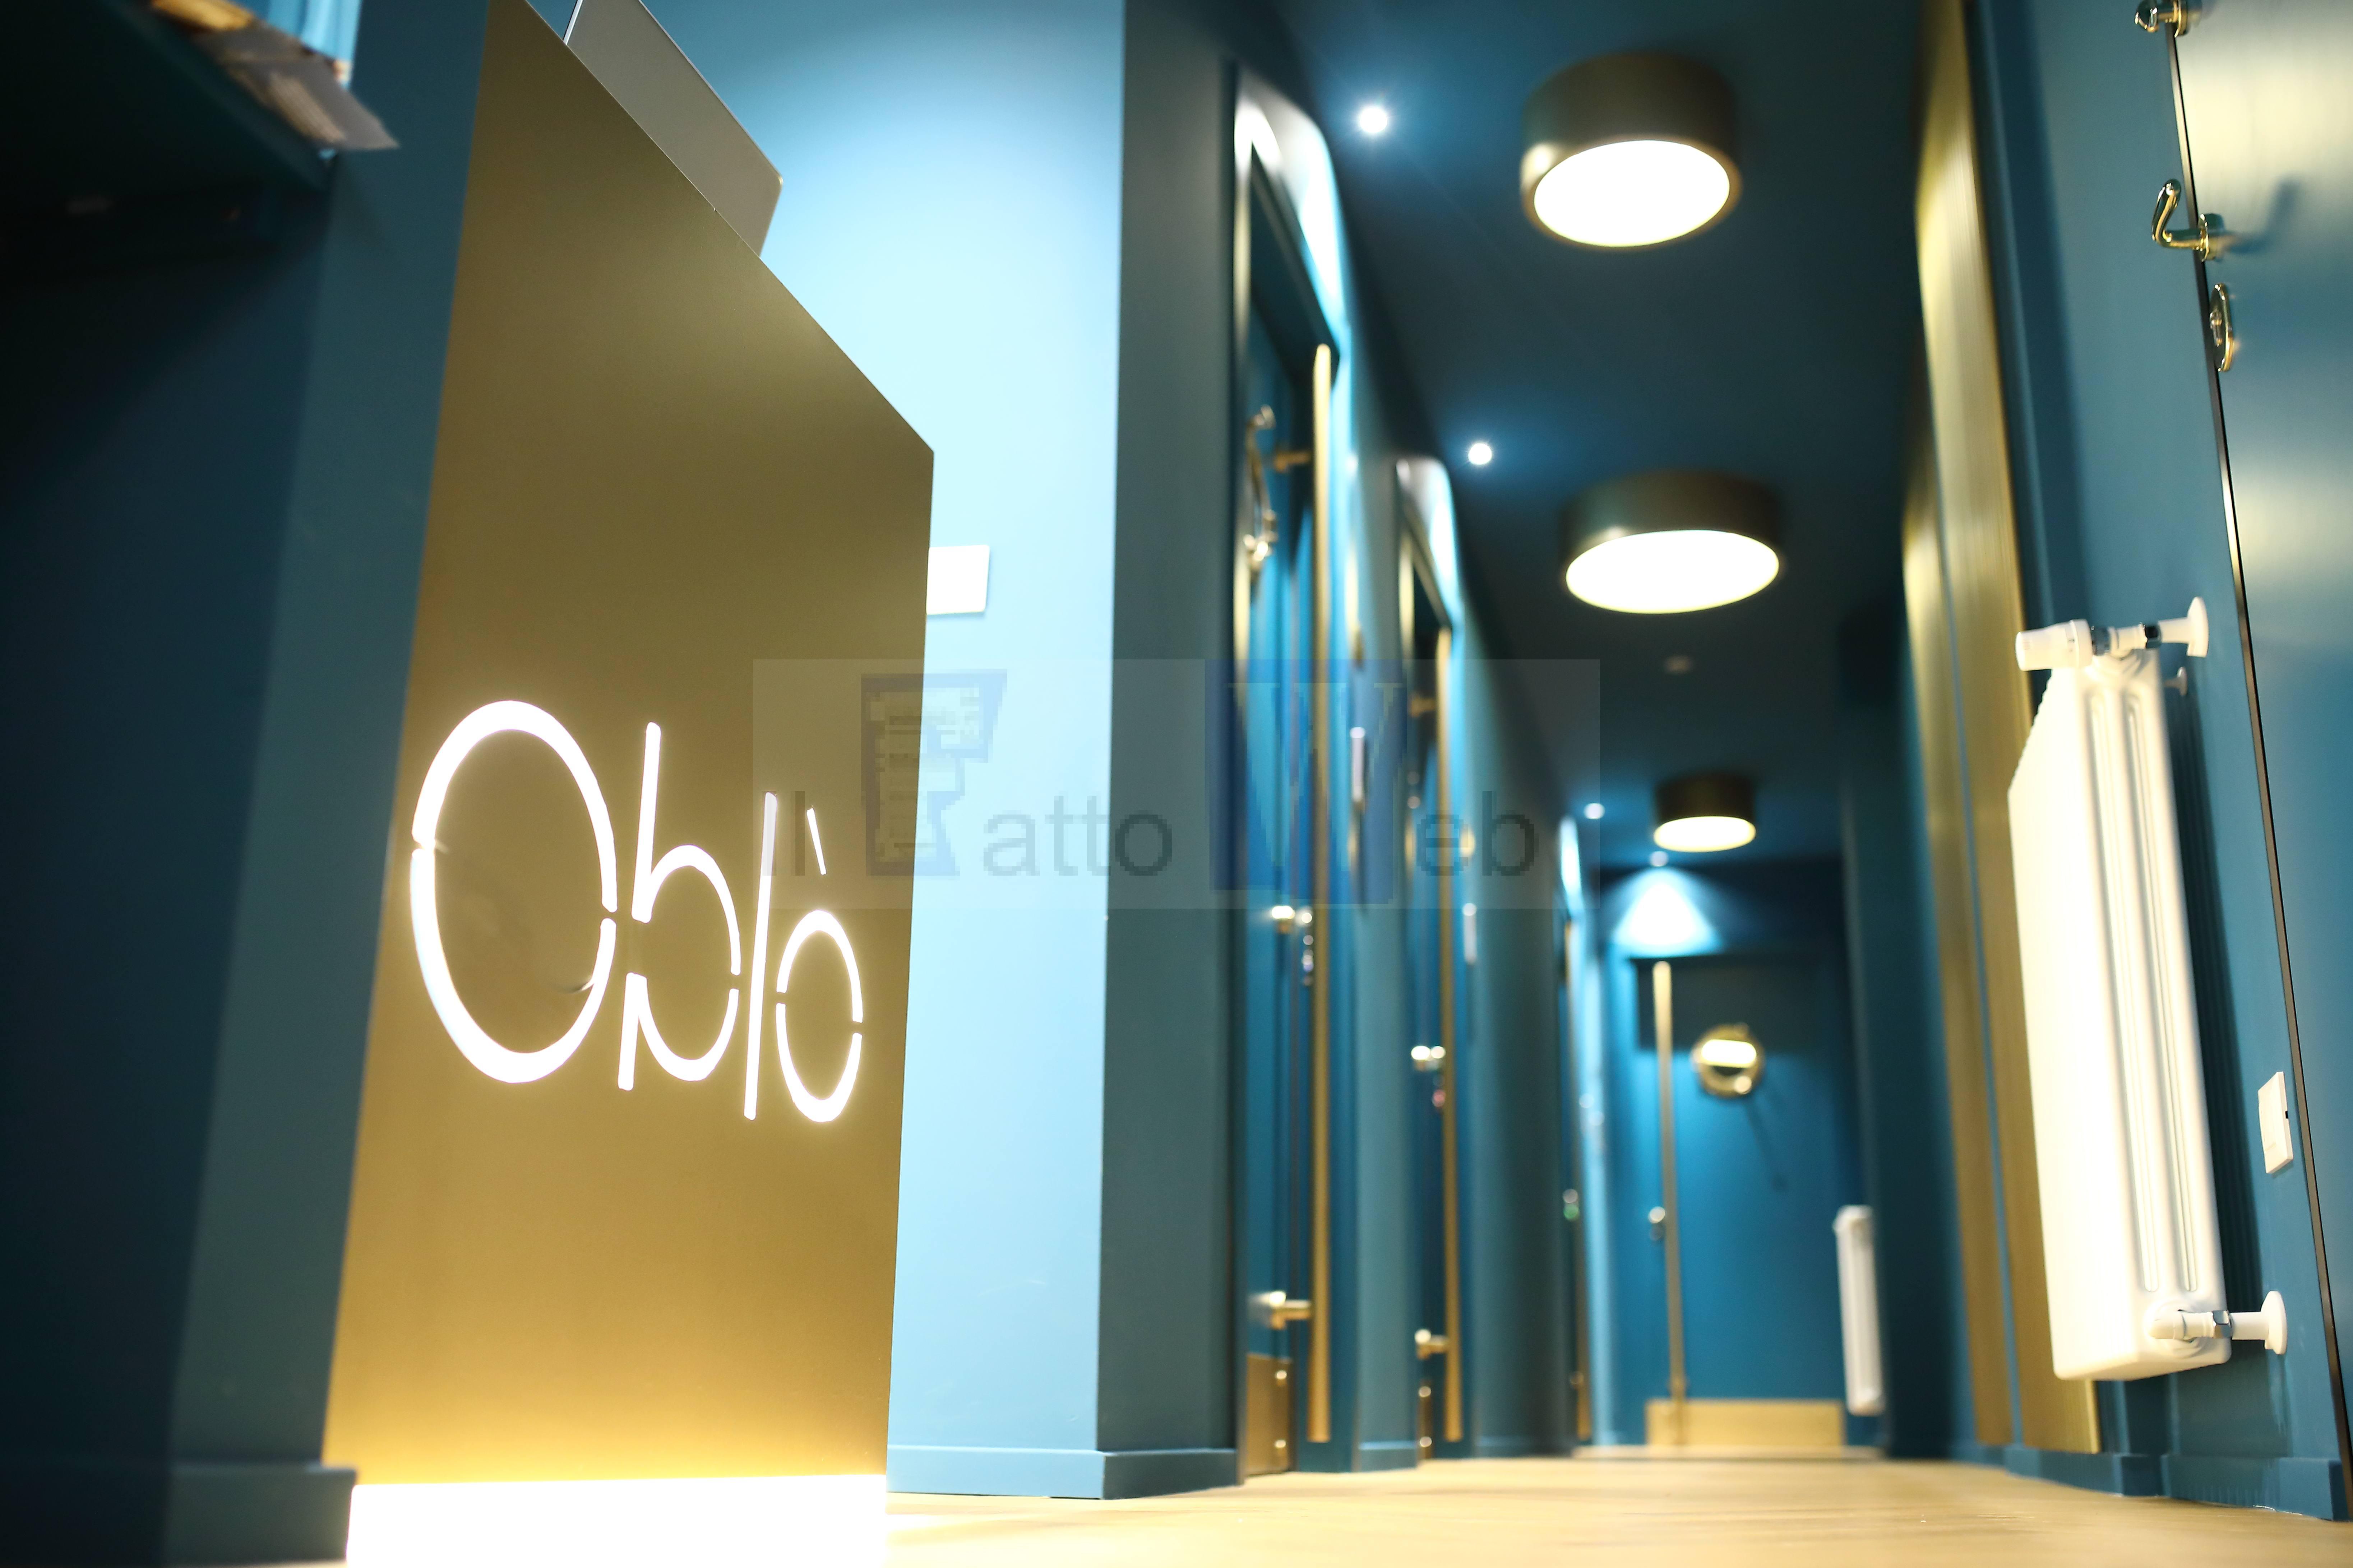 Oblò il B&B, una nuova struttura ricettiva sita al centro di Catania con vista mare sul Molo di Levante